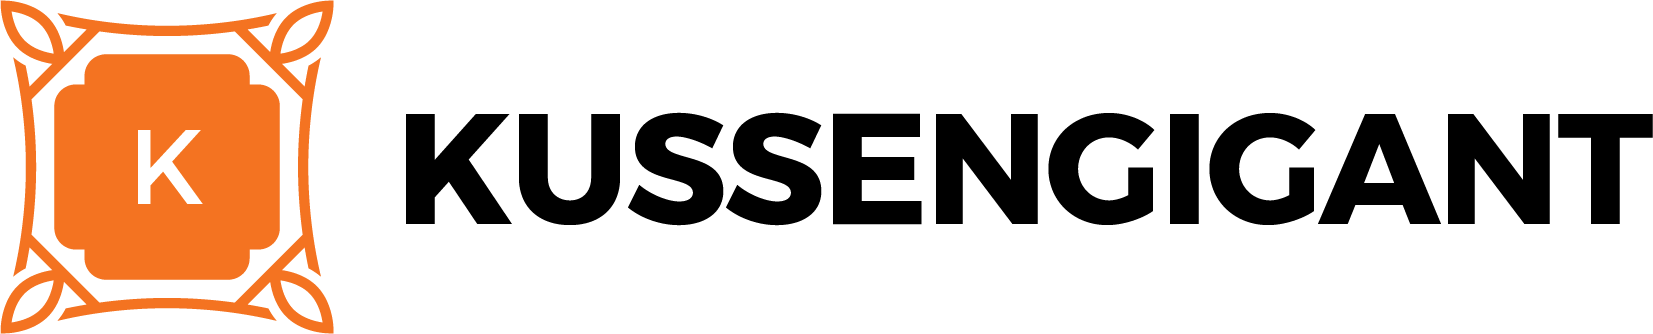 Kussengigant België - goedkoop in kussens (op maat)